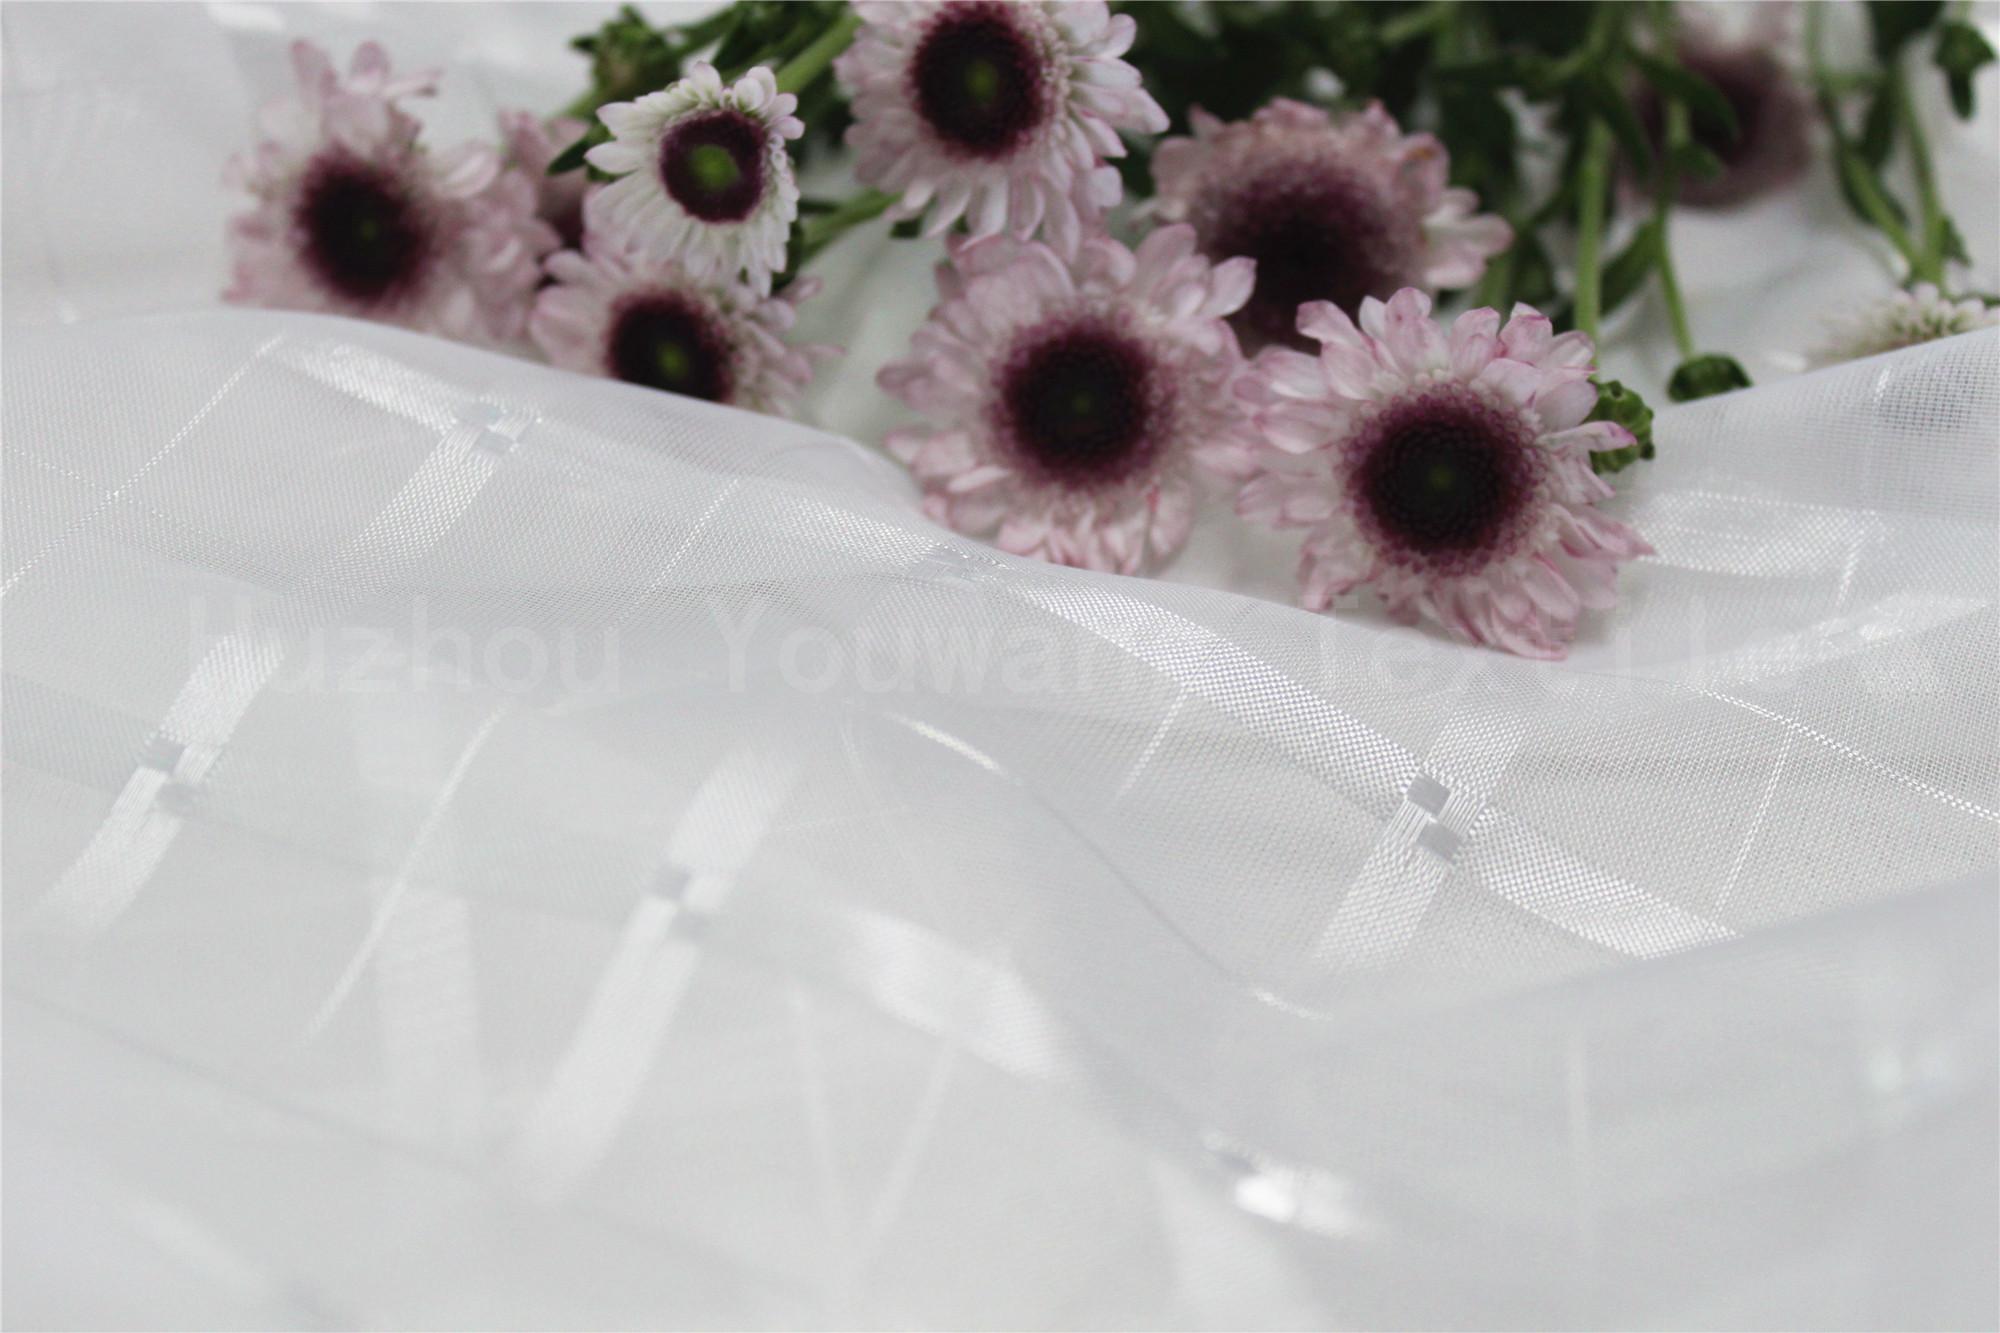 Matts Sheer Voile Fabric 3